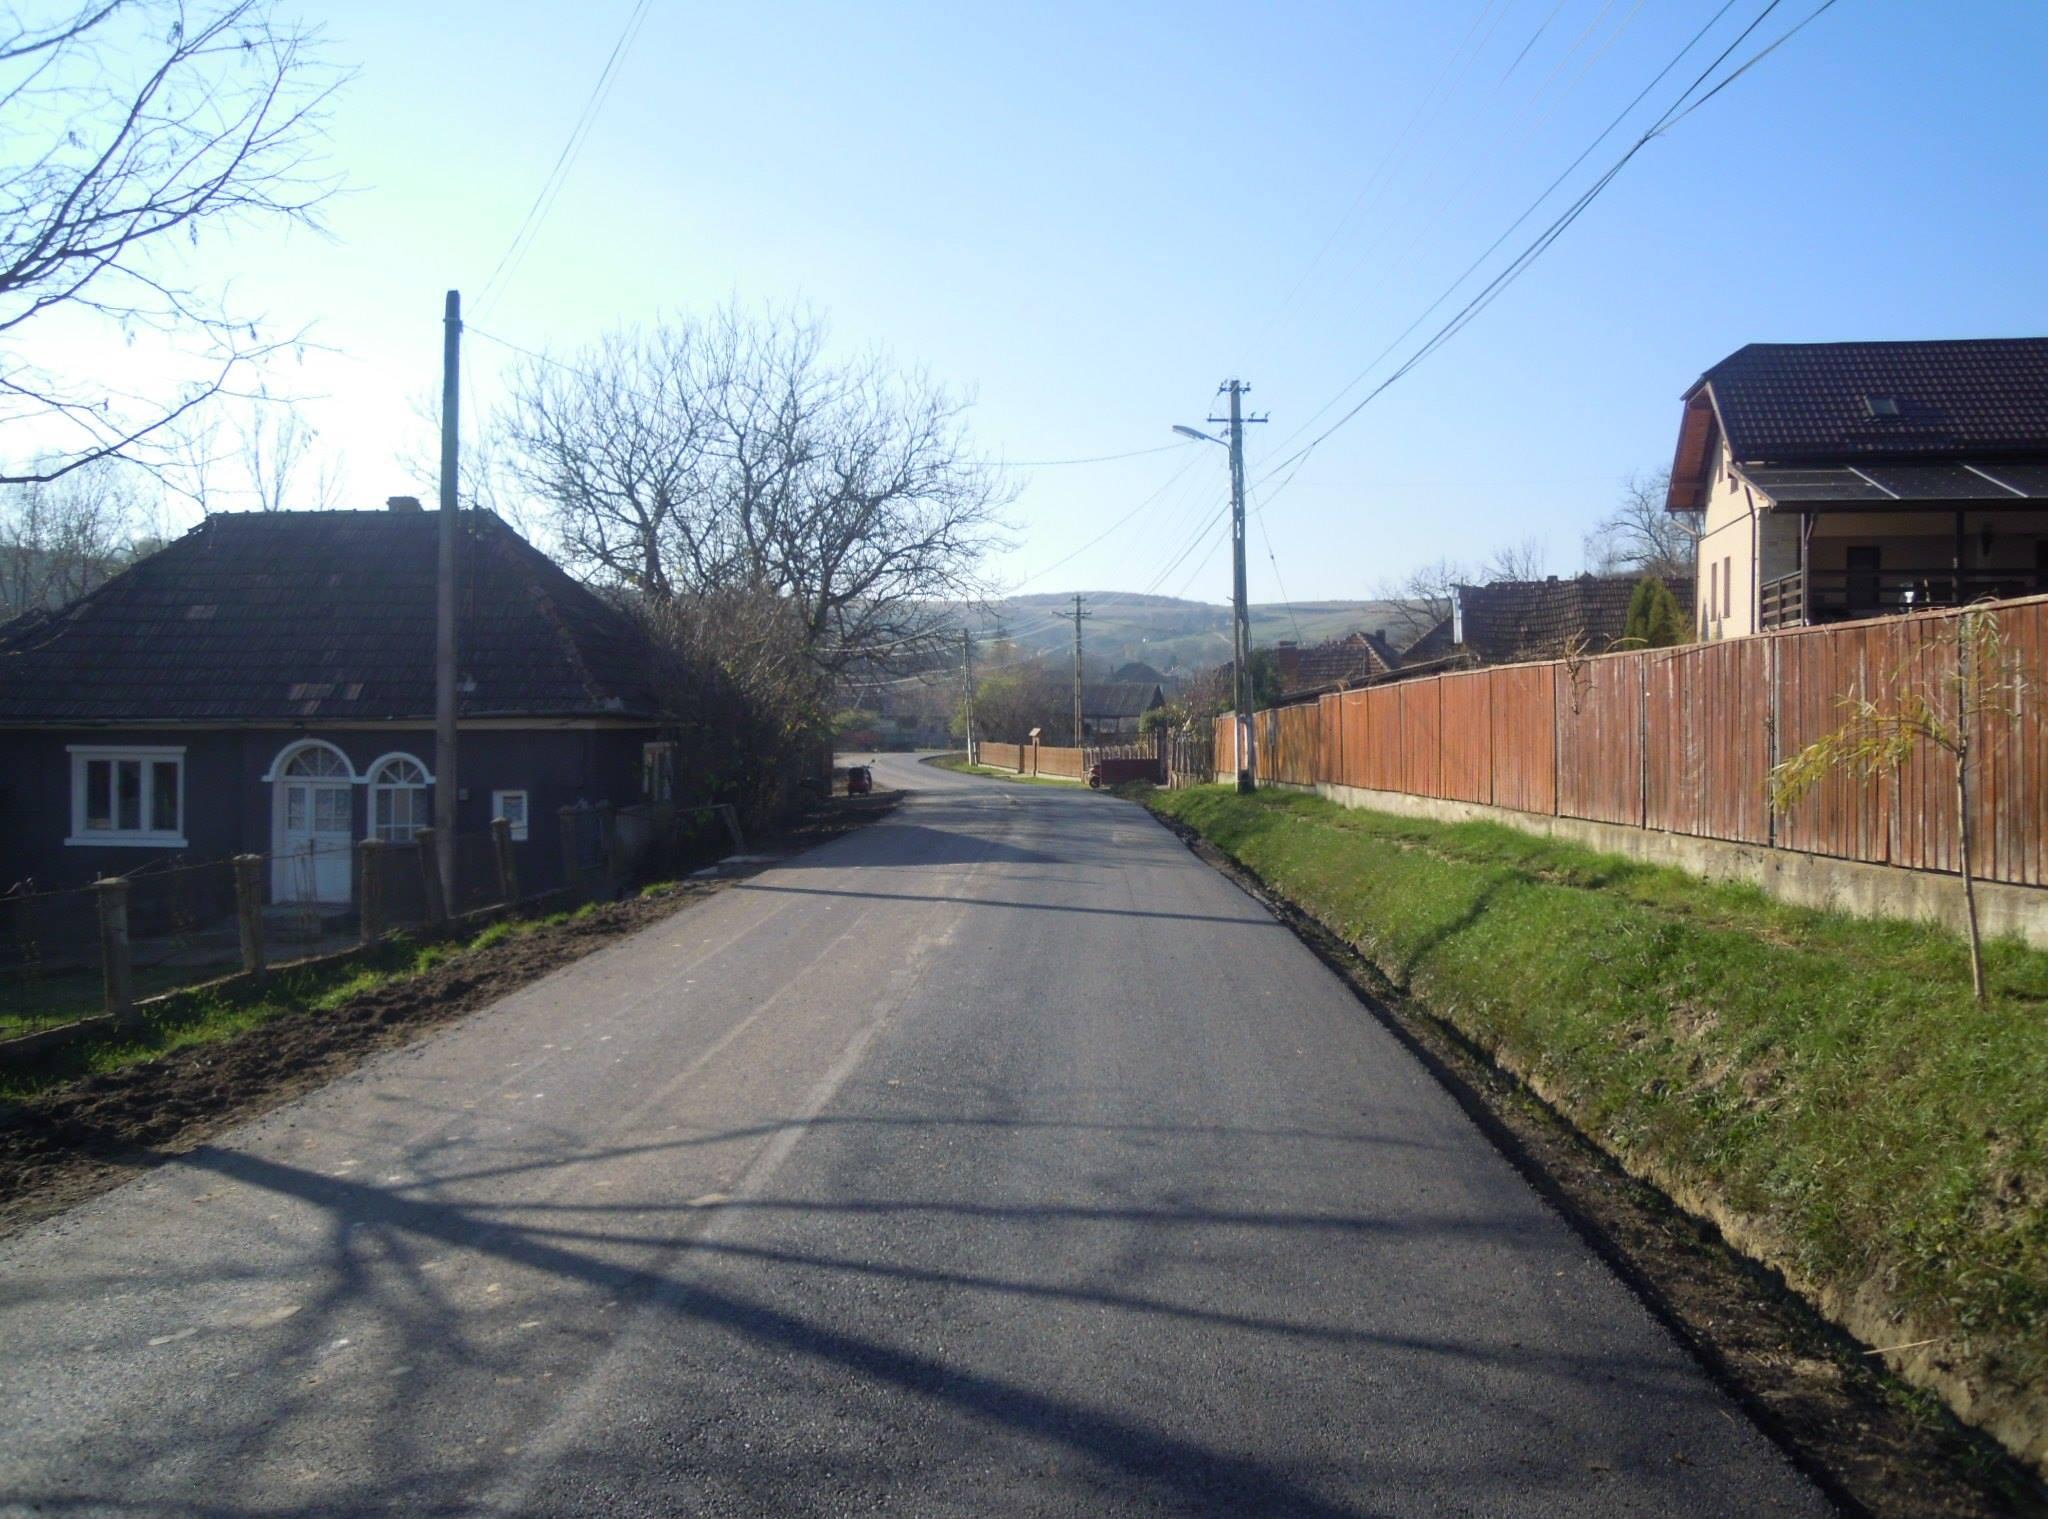 Au fost finalizate lucrările de întreținere pe drumul județean 150 Mociu – Chesău